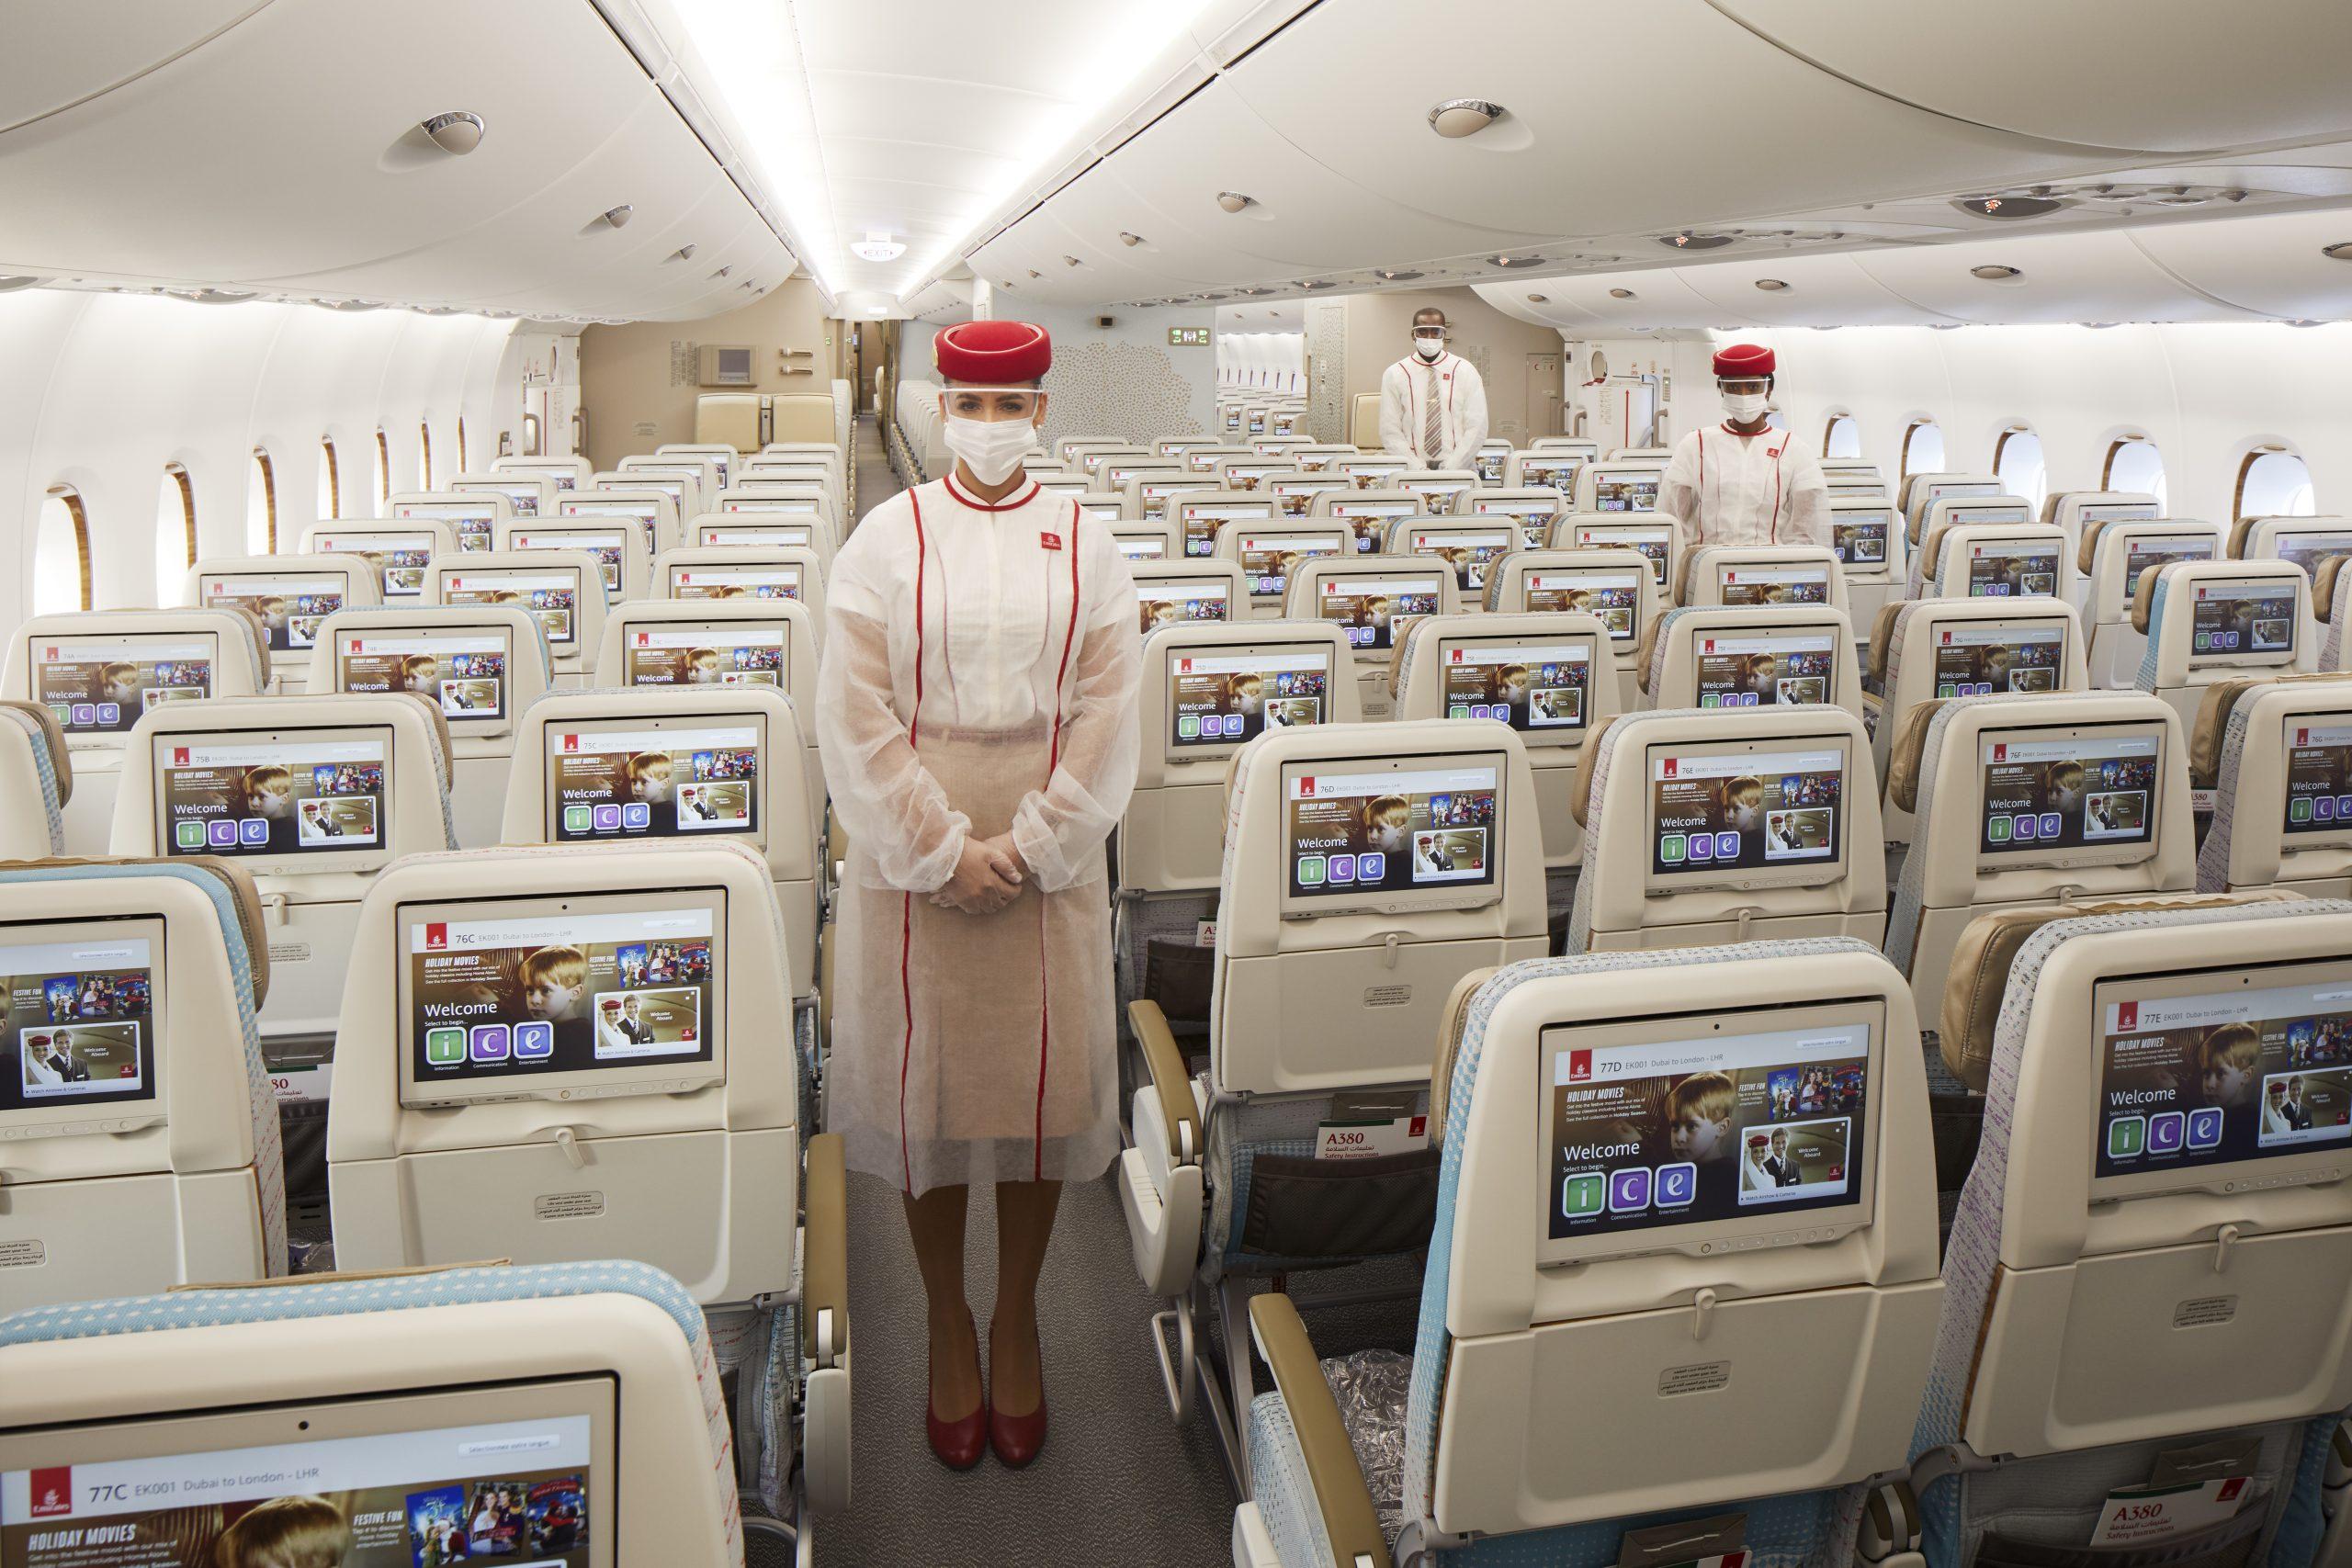 Passagerer på særflyvningen EK2021 kan blandt andet købe plads på Premium Economy, der er ved at få helt nye sæder hos Emirates. Pressefoto: Emirates.